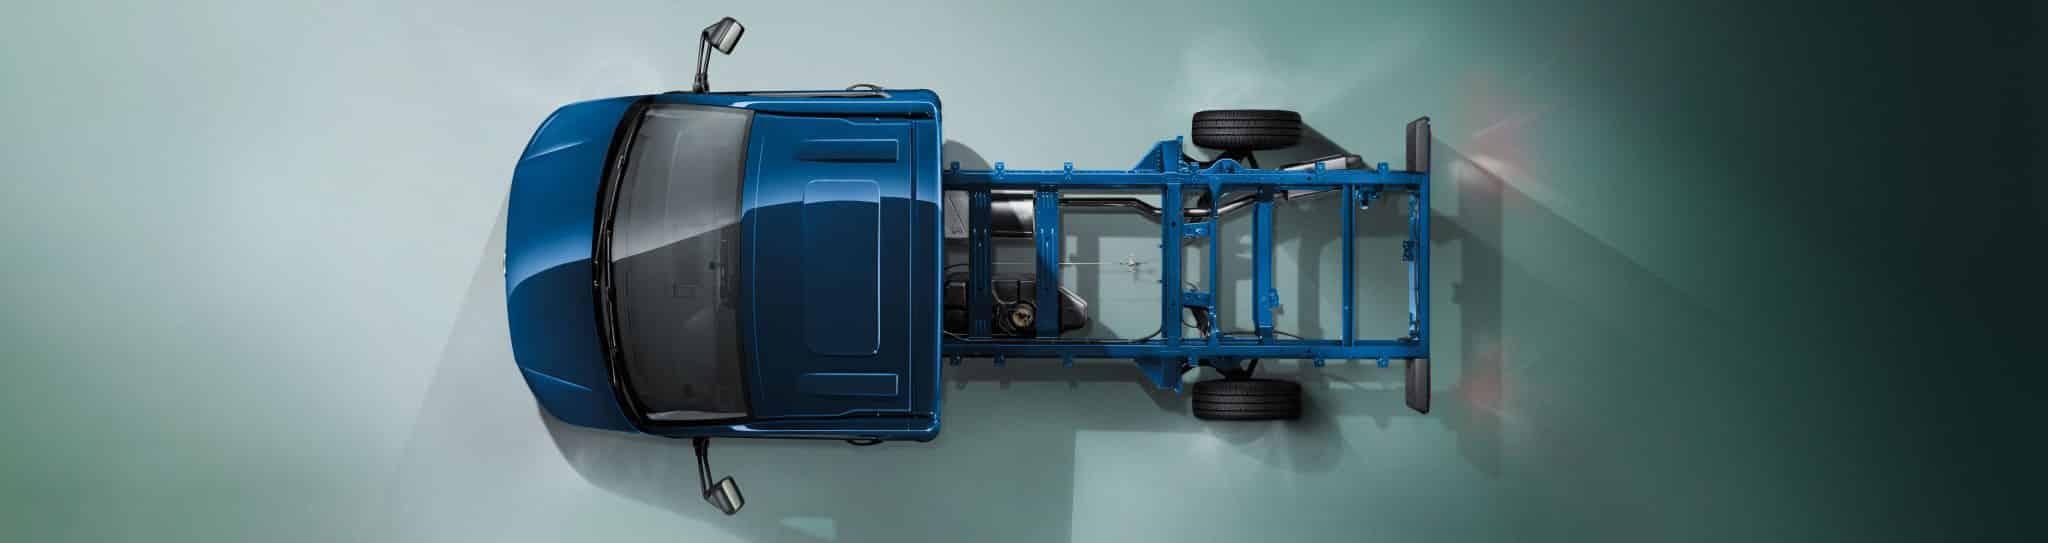 das-transporter-fahrgestell-scheidweg-garage